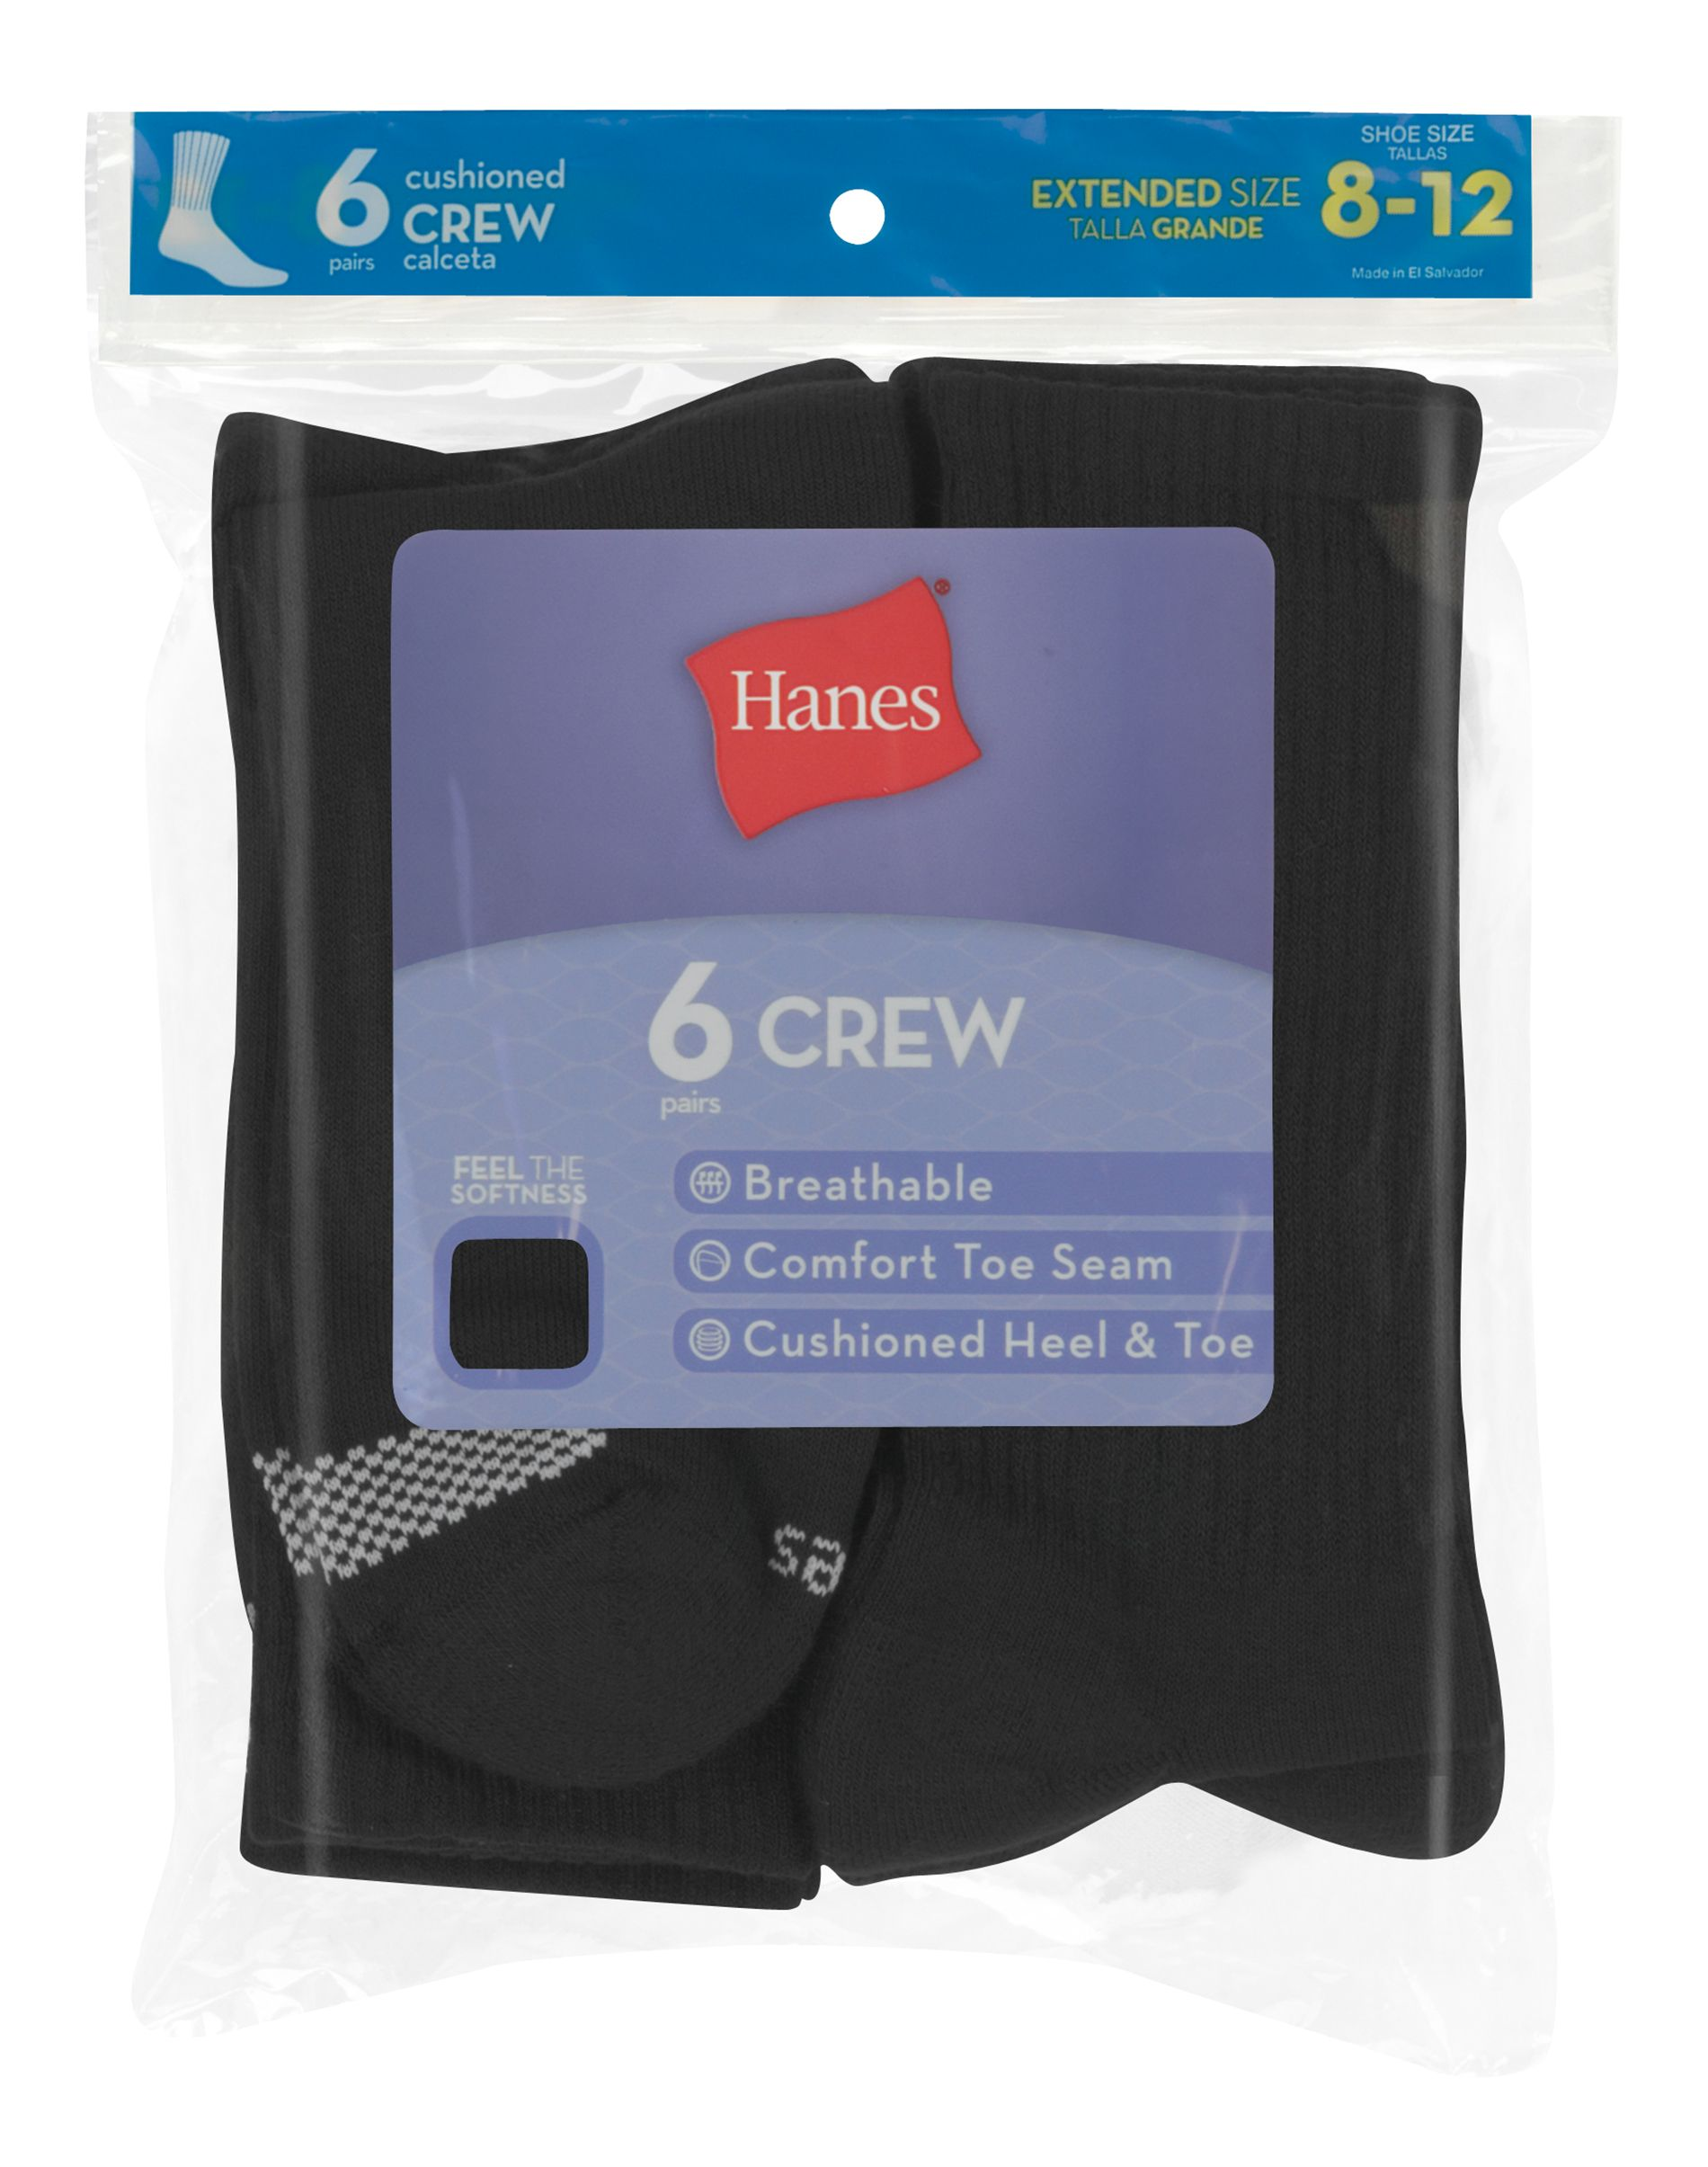 Hanes Women's Cool Comfort® Crew Socks Extended Sizes 8-12, 6-Pack women Hanes